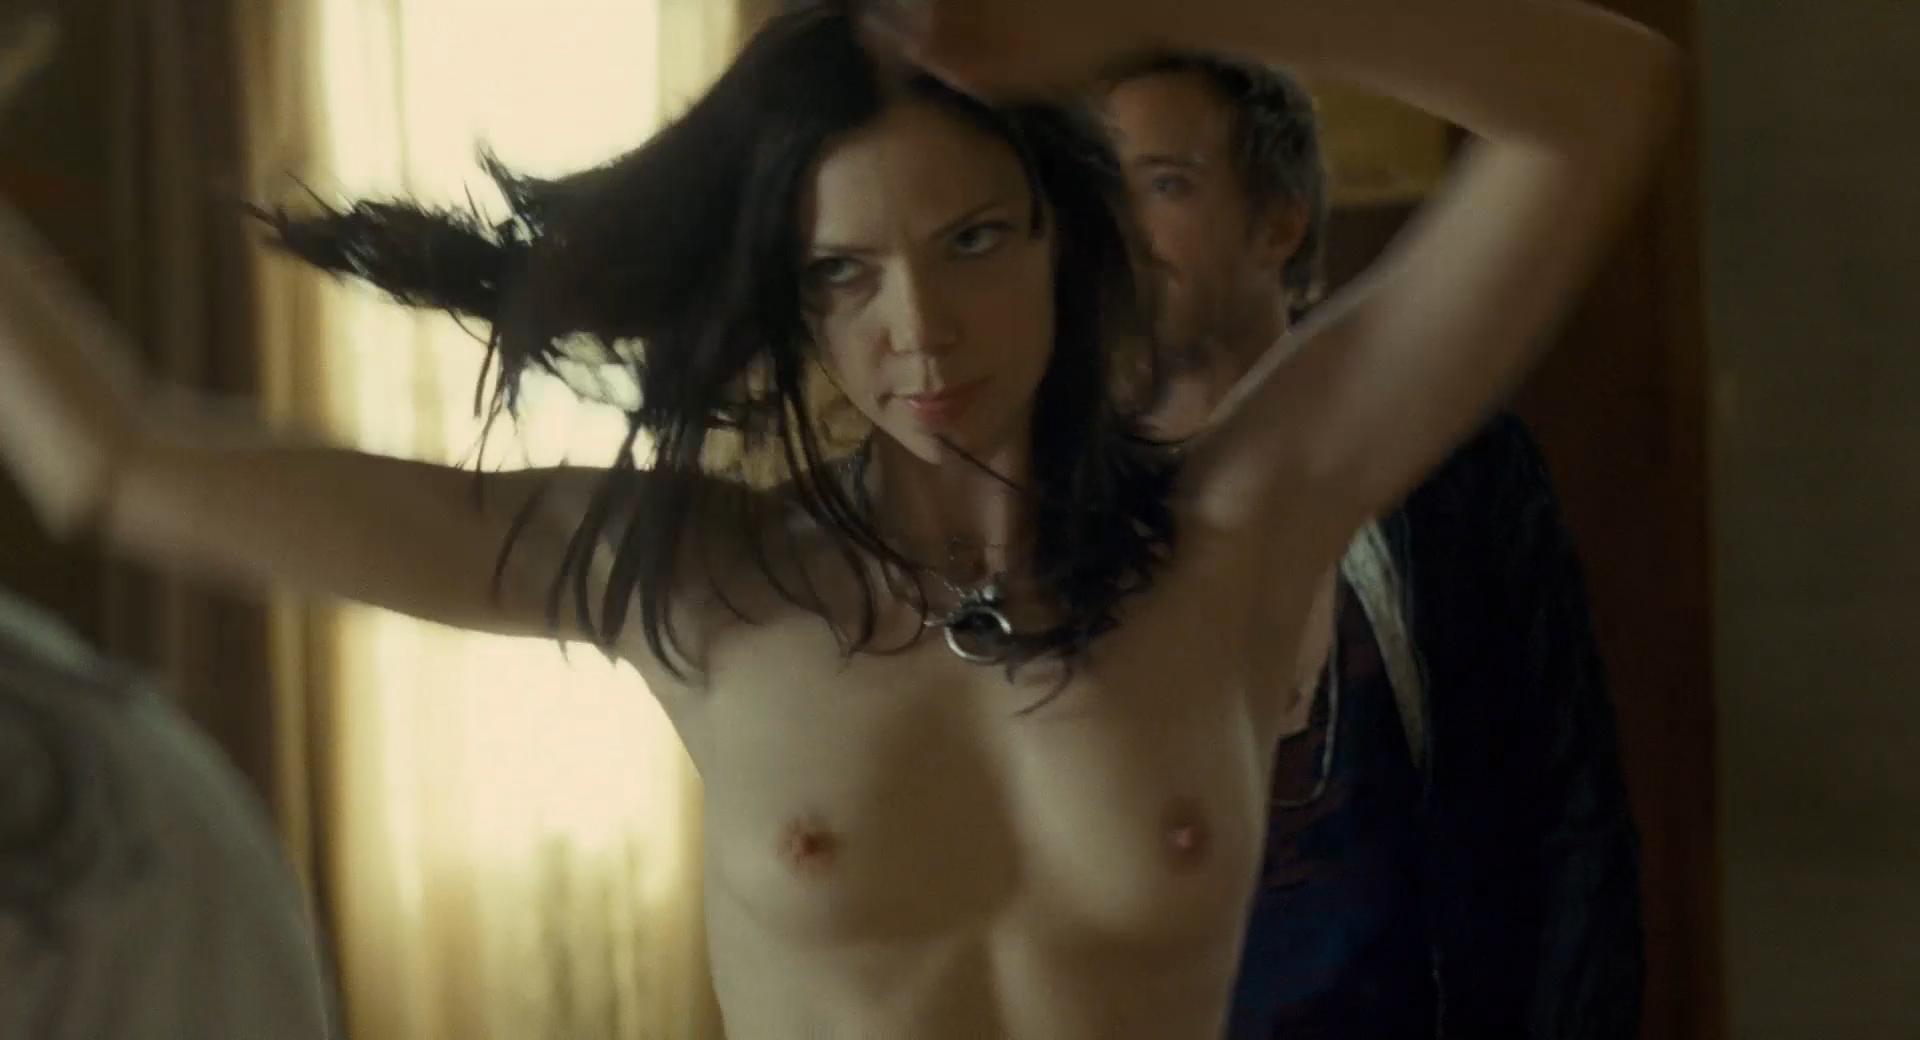 sarah paxton nude